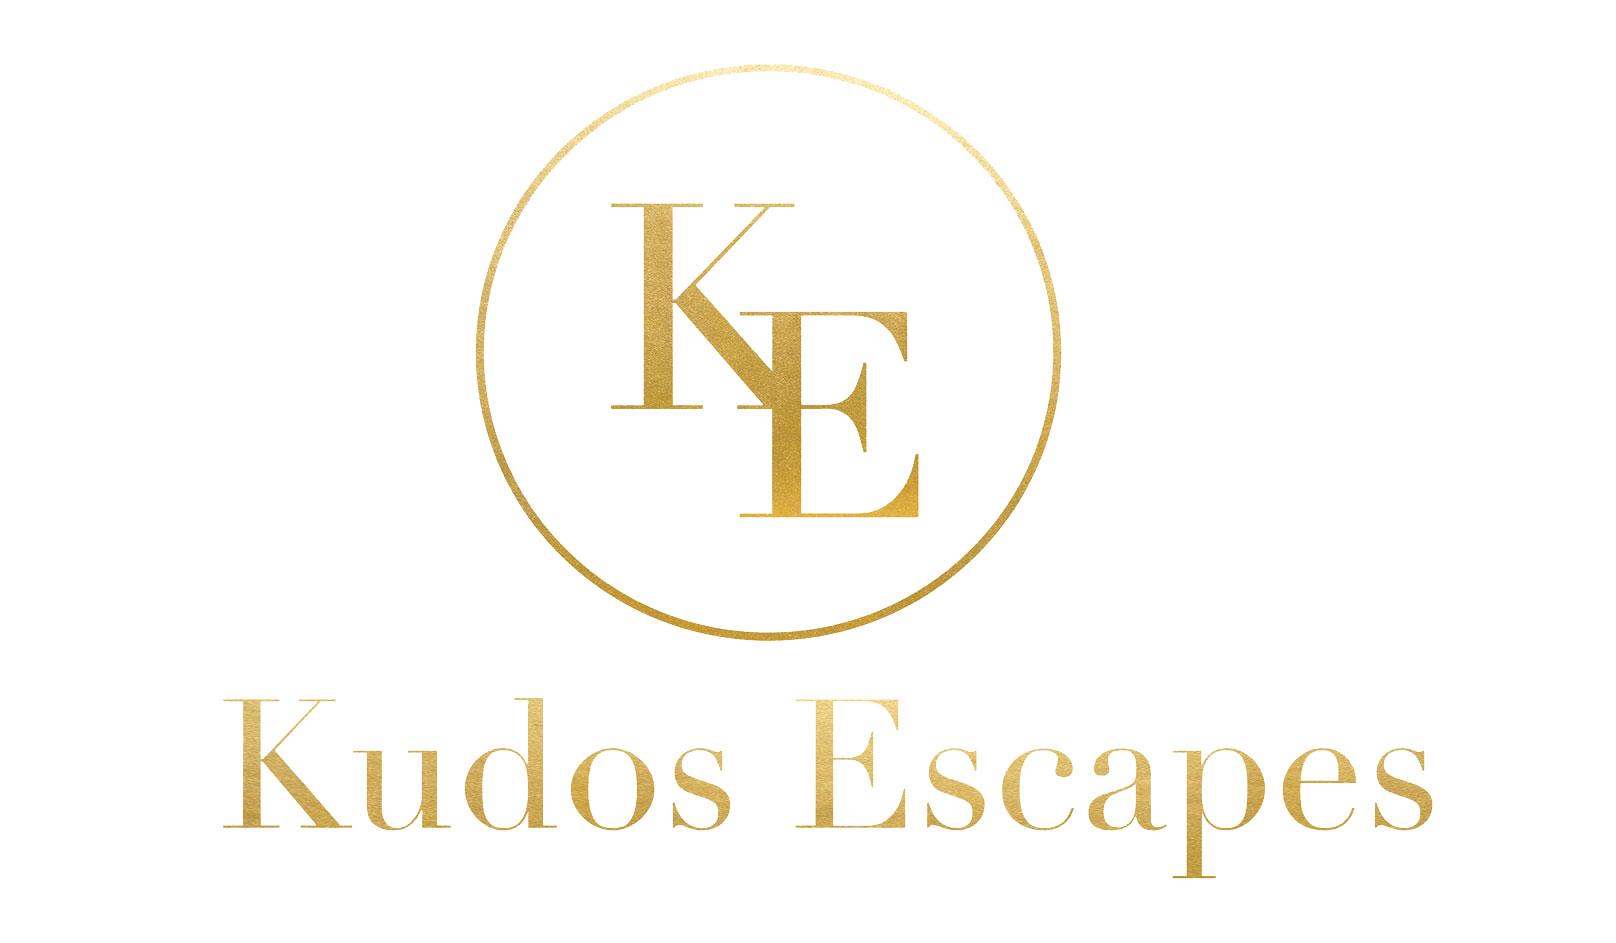 KudosEscapeslogo2 (002)